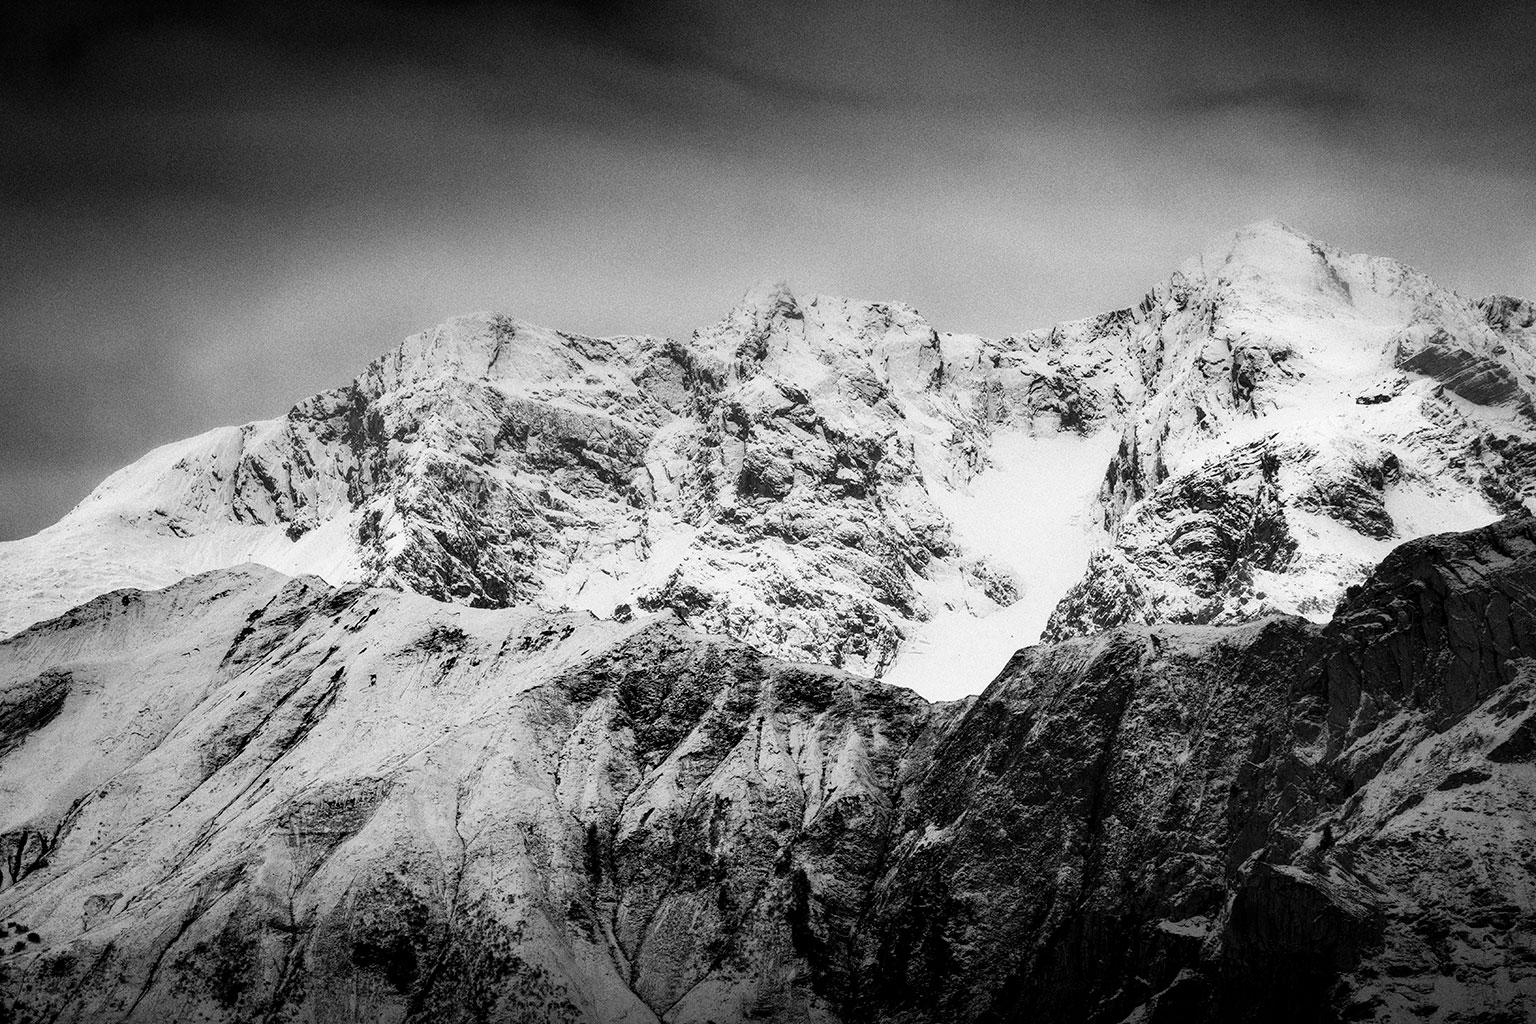 Alpen_Harry_Koester_Landschaftsfotografie_Fineart_01